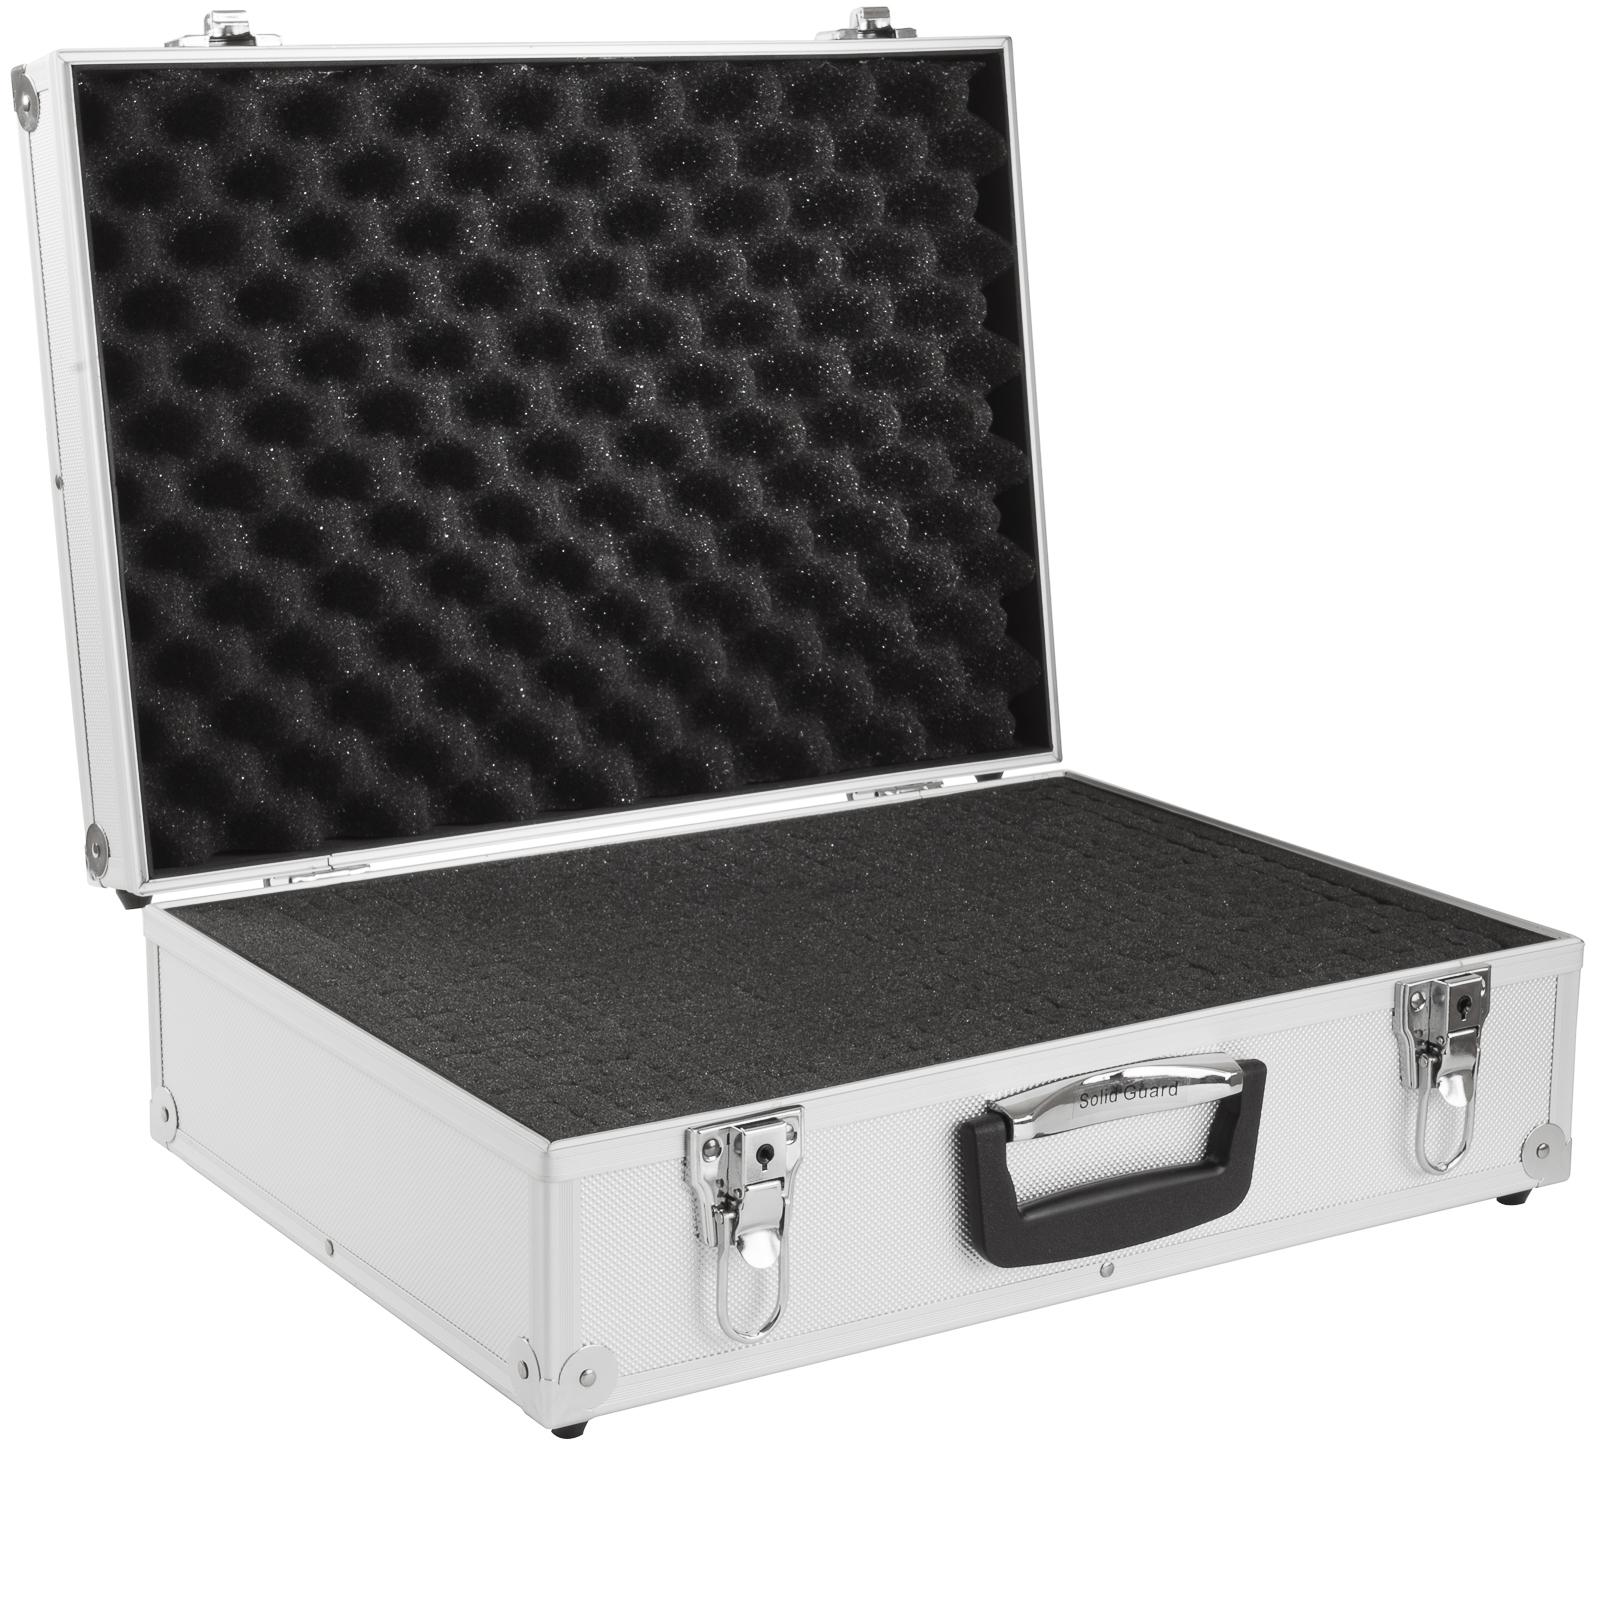 brubaker alukoffer fotokoffer mit schaumstoff 20 l fotokoffer taschen sport freizeit. Black Bedroom Furniture Sets. Home Design Ideas